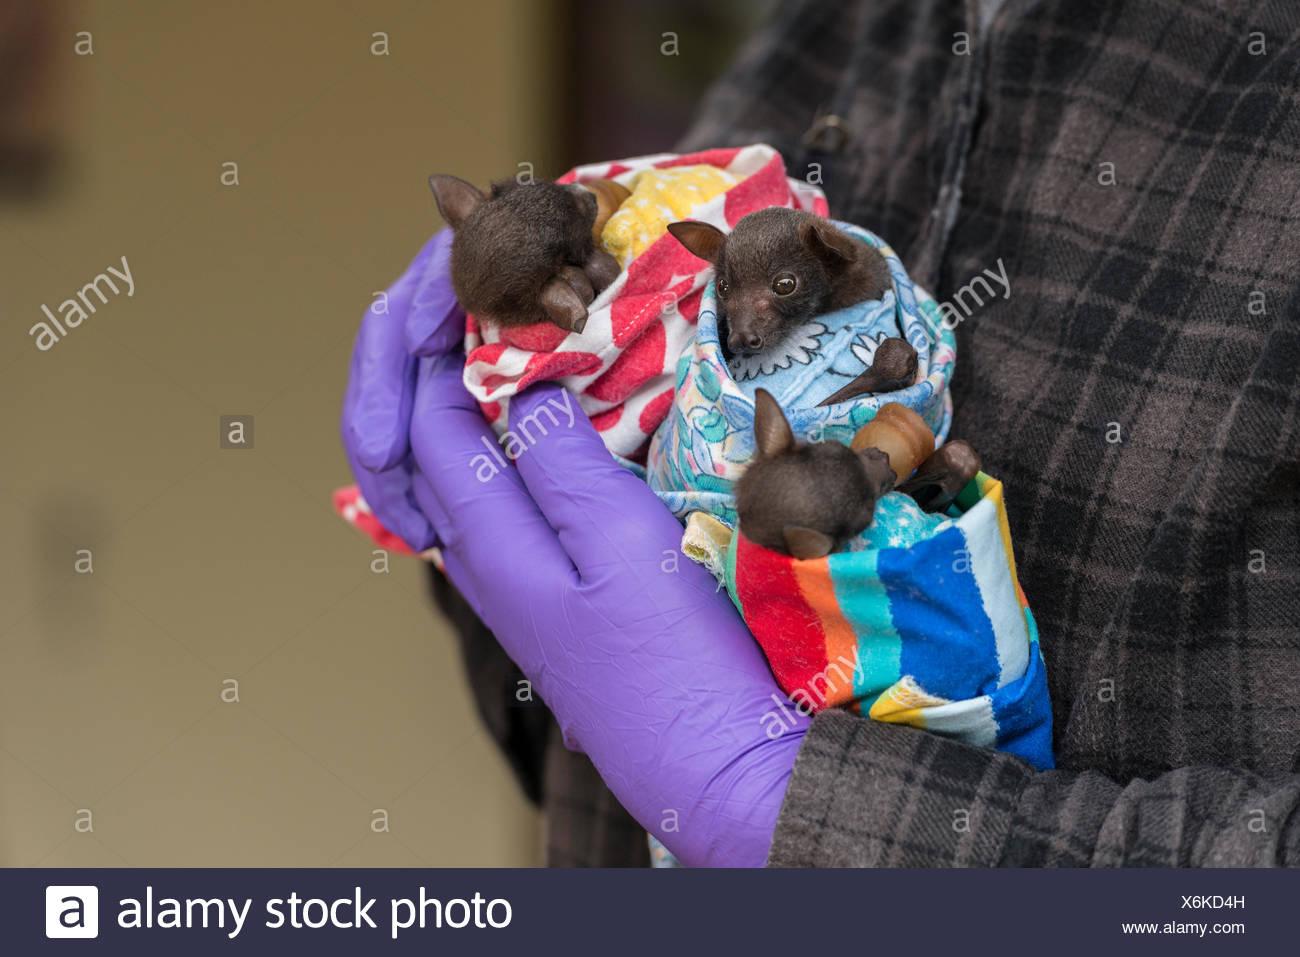 Tolga Bat manipulation volontaire de l'hôpital peu rouge les roussettes (Pteropus scapulatus) bébés enveloppés dans des couches de câliner un oreiller Photo Stock